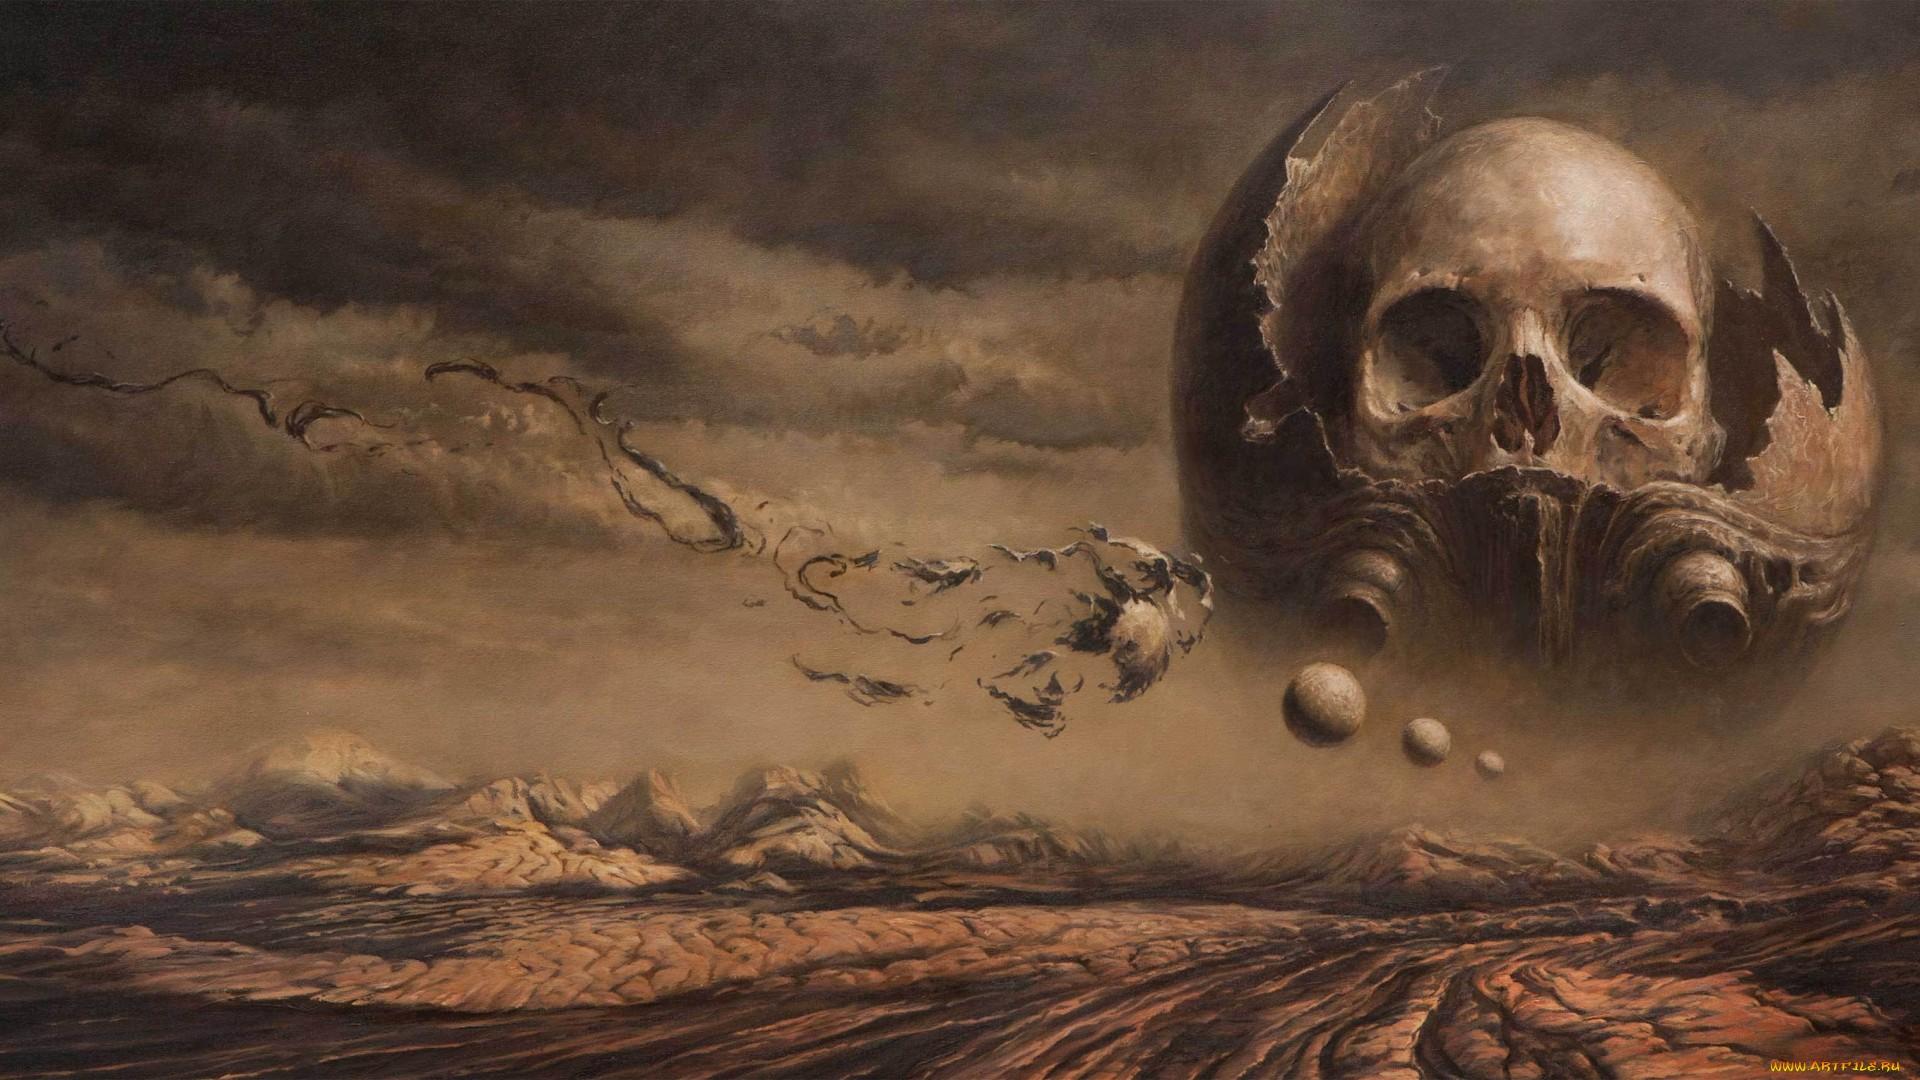 Skull full hd wallpaper and background image 1920x1080 id396923 dark skull wallpaper voltagebd Gallery